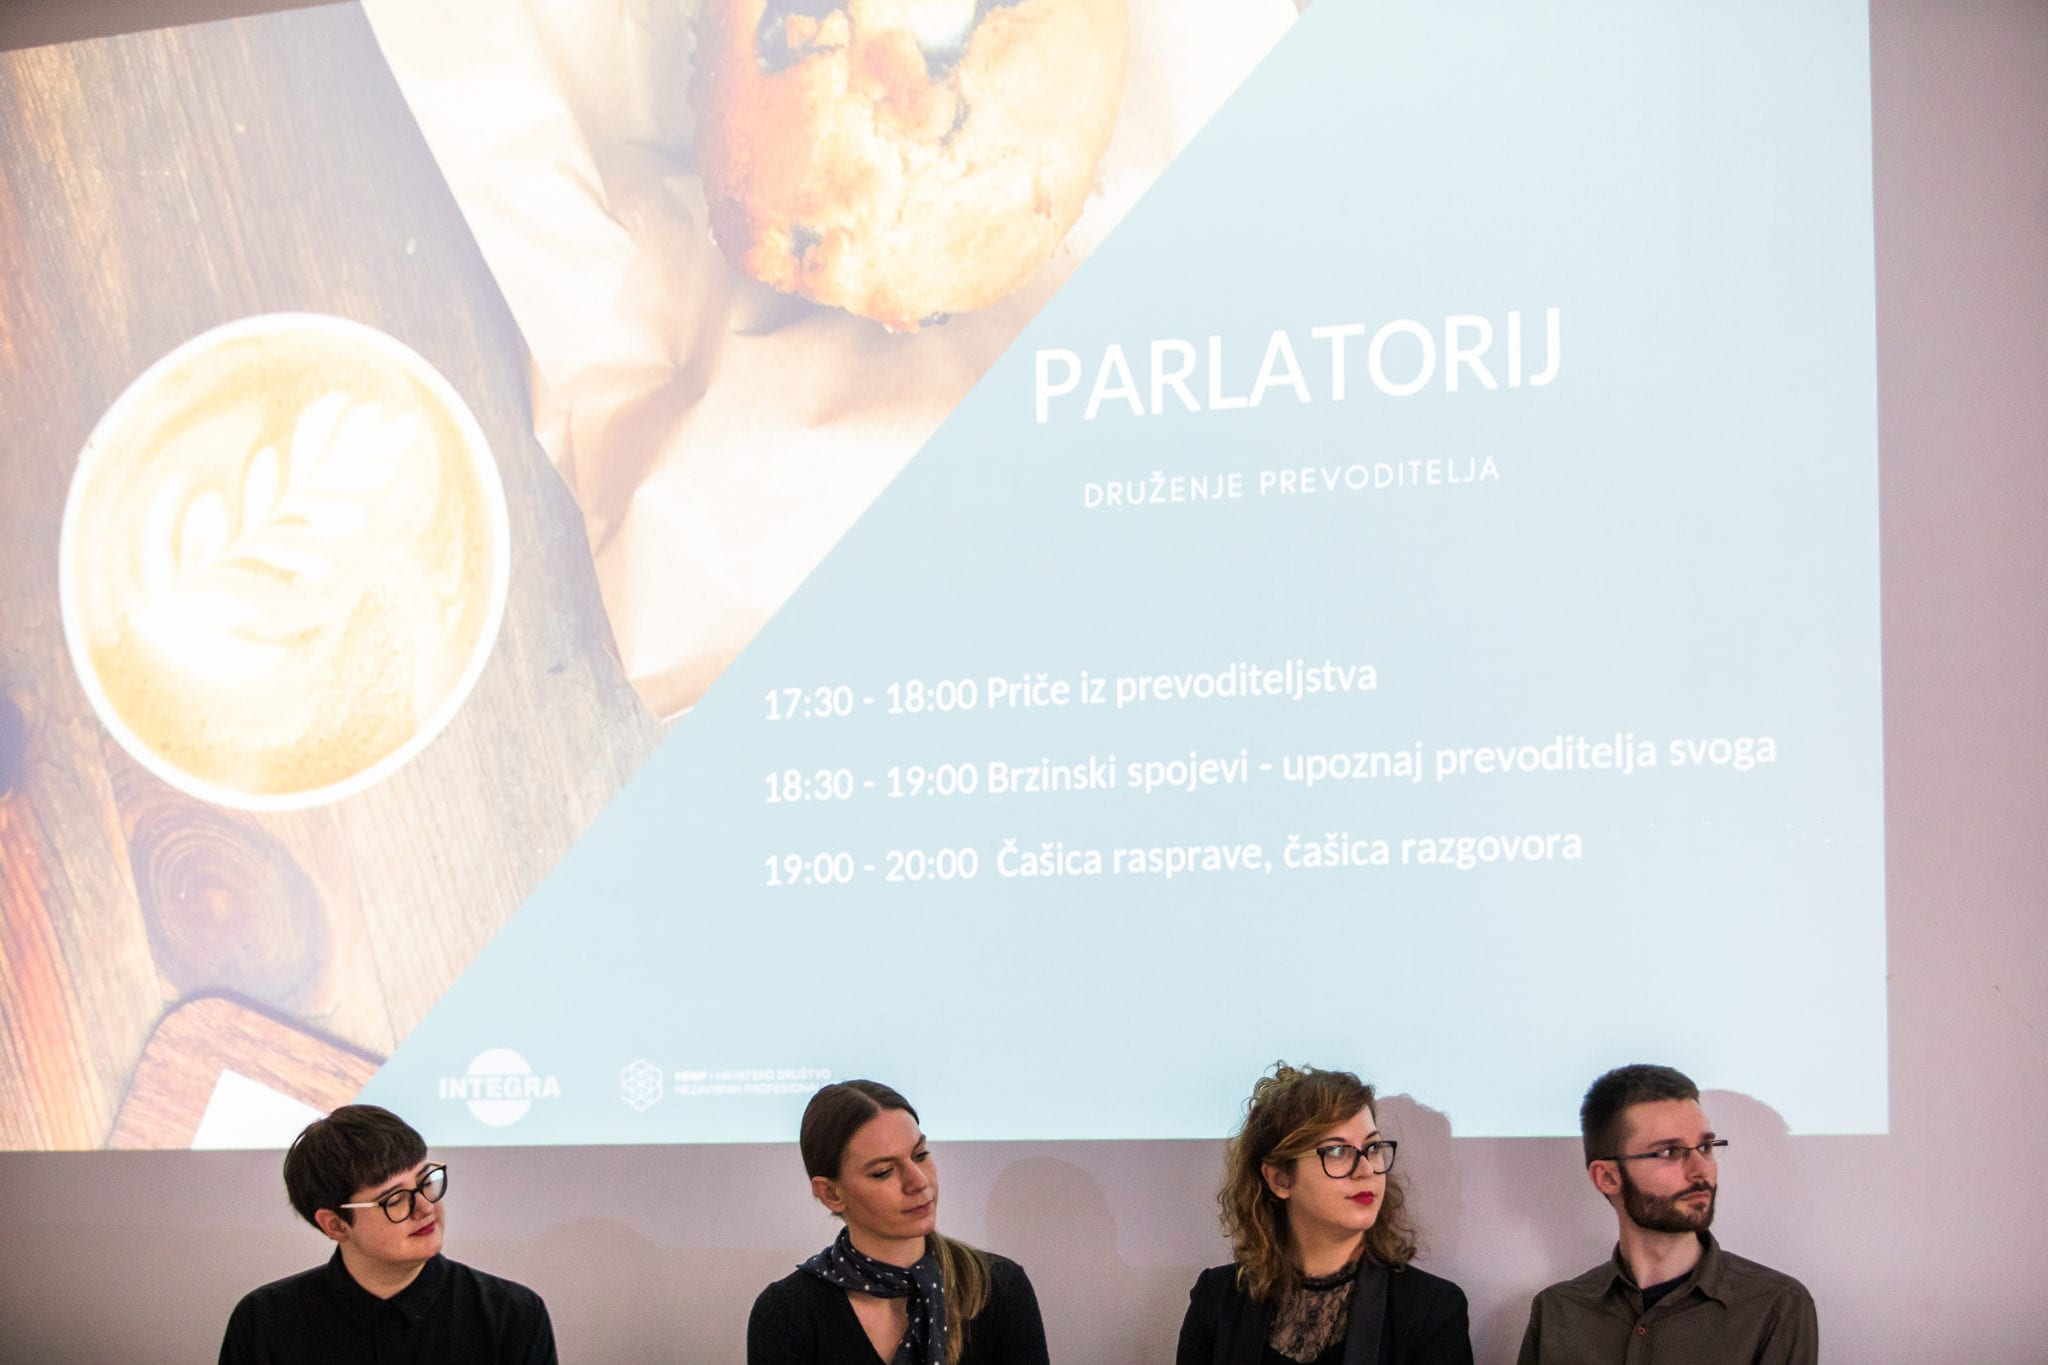 Druženje prevoditelja - Parlatorij